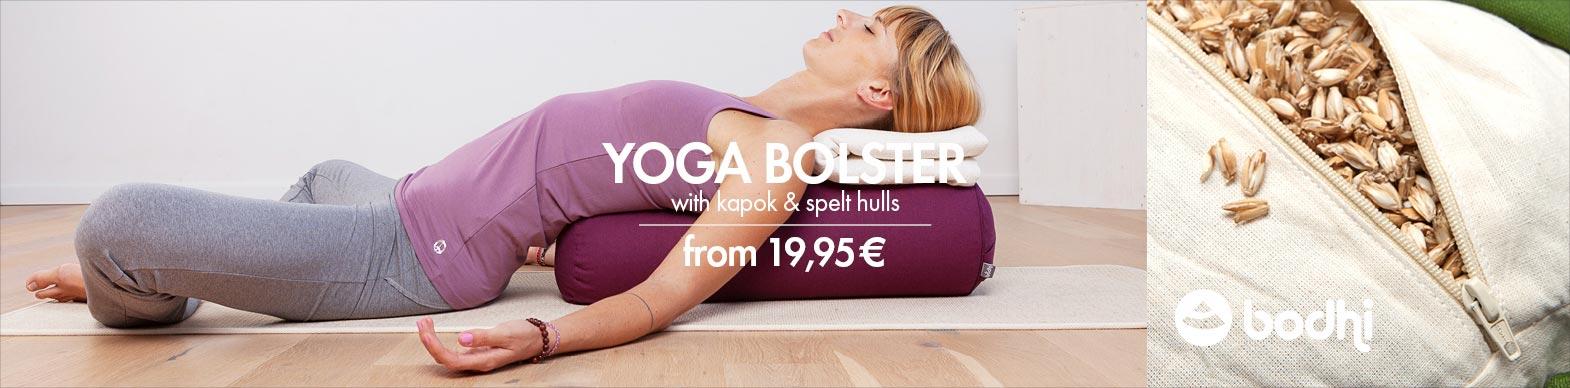 Yoga Bolster von bodhi